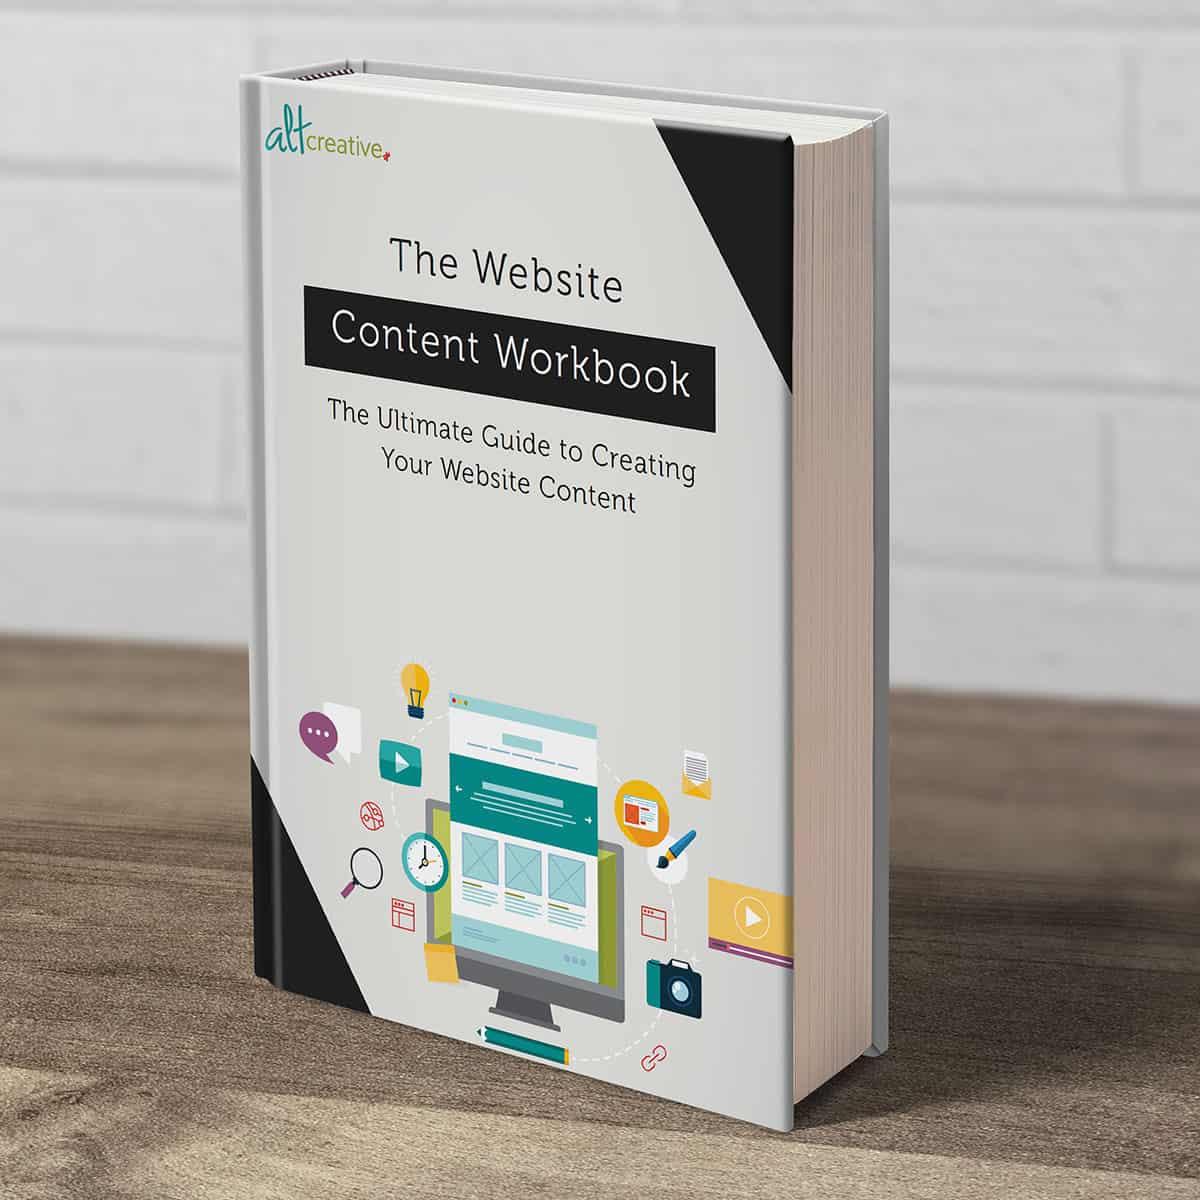 Website Content Workbook - Website Content Creation - Creating Website Content